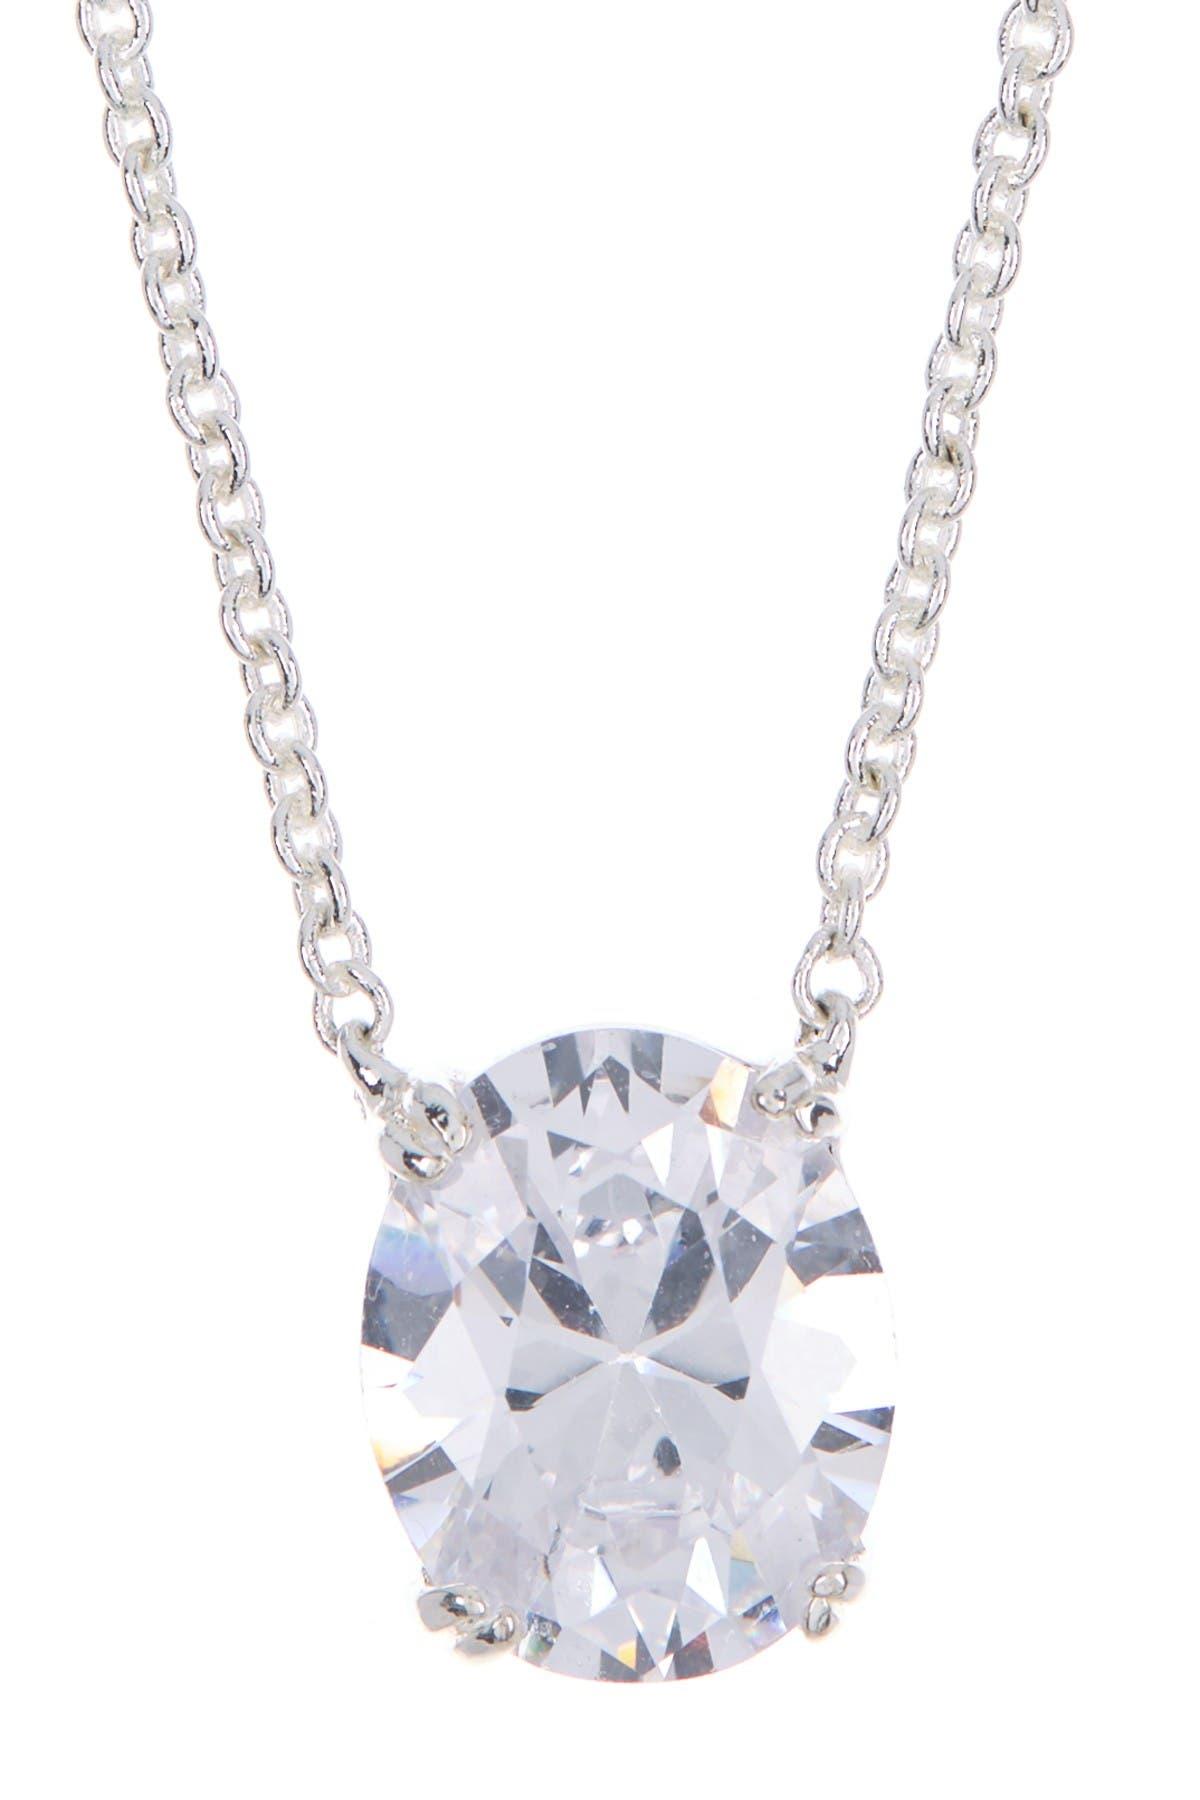 Image of Lauren Ralph Lauren Oval Cut Necklace & Stud Earrings Gift Set